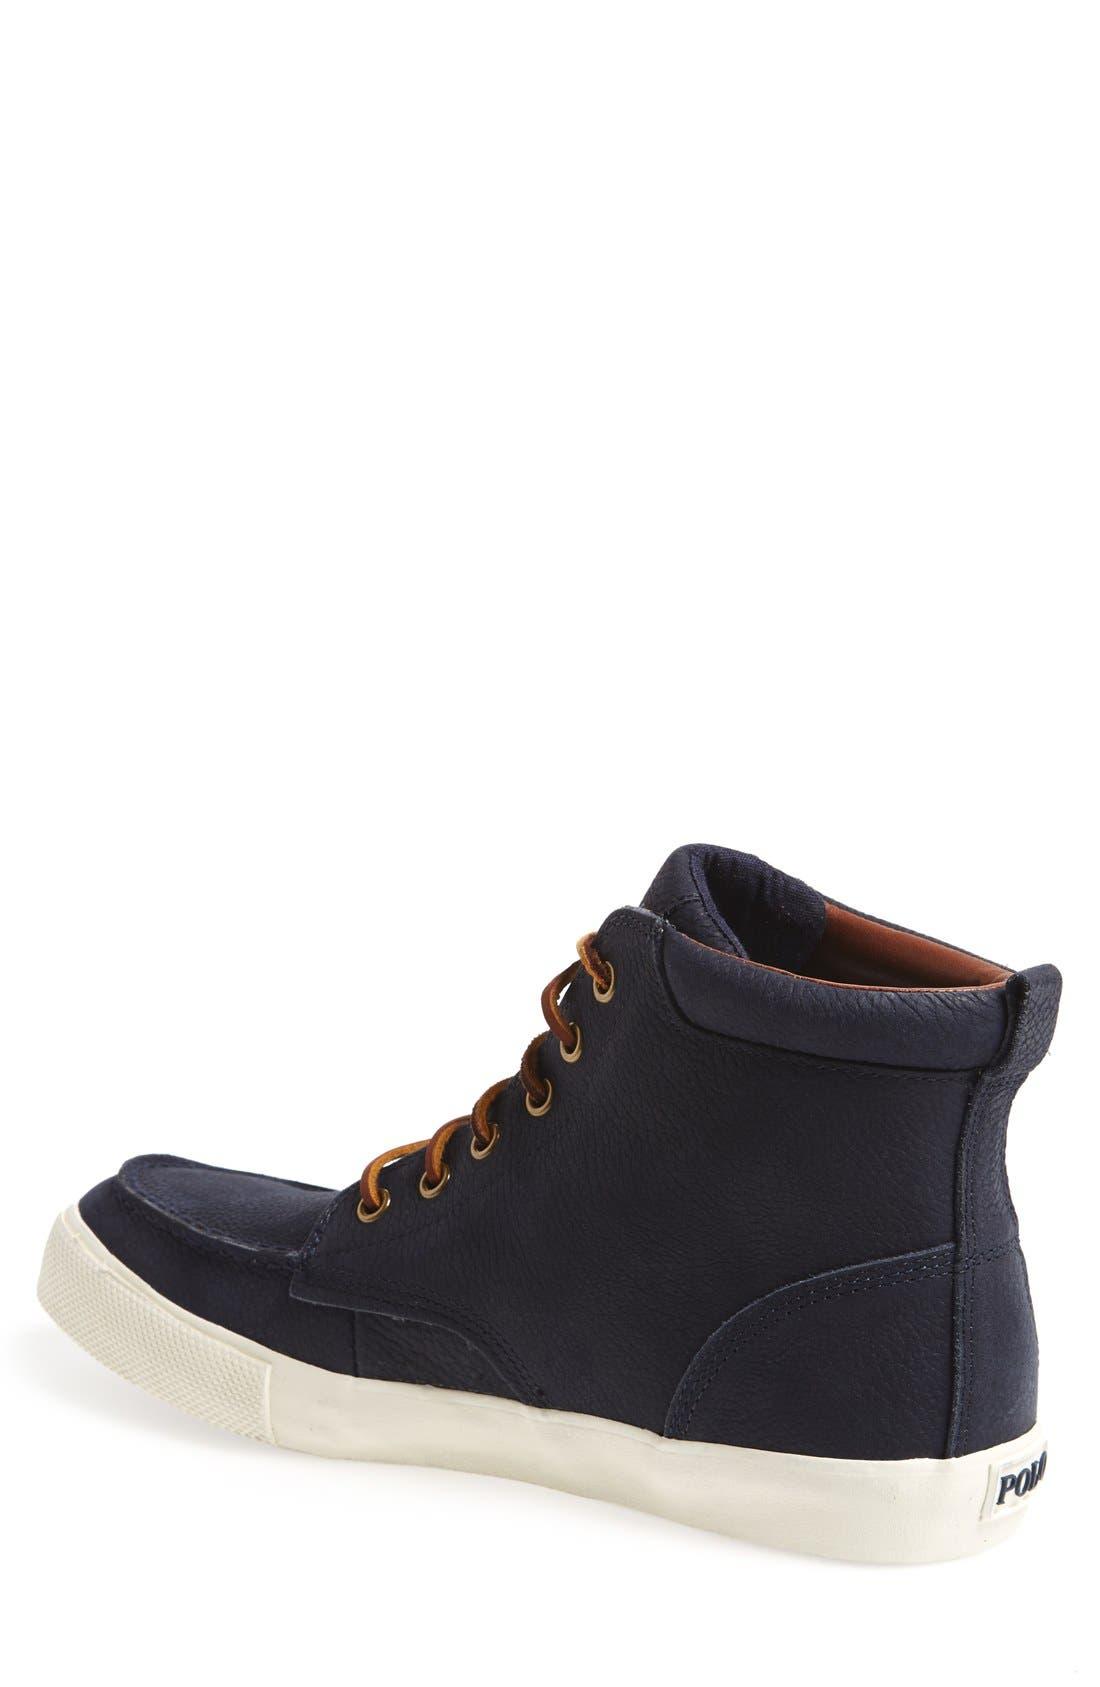 Alternate Image 2  - Polo Ralph Lauren 'Tedd' Sneaker (Men)